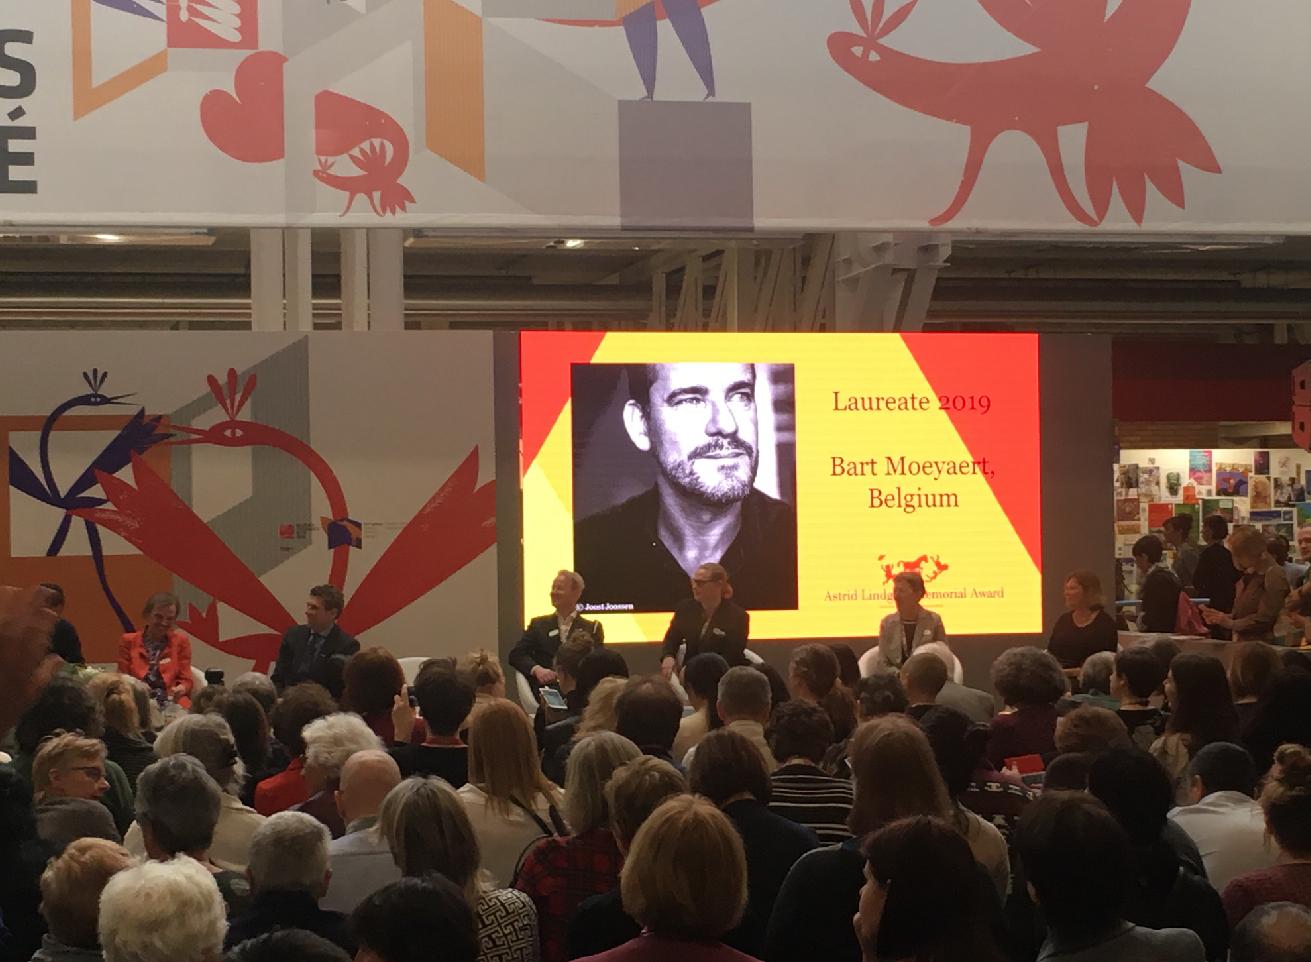 リンドグレーン賞授賞式。手前に聴衆、奥にスクリーン。